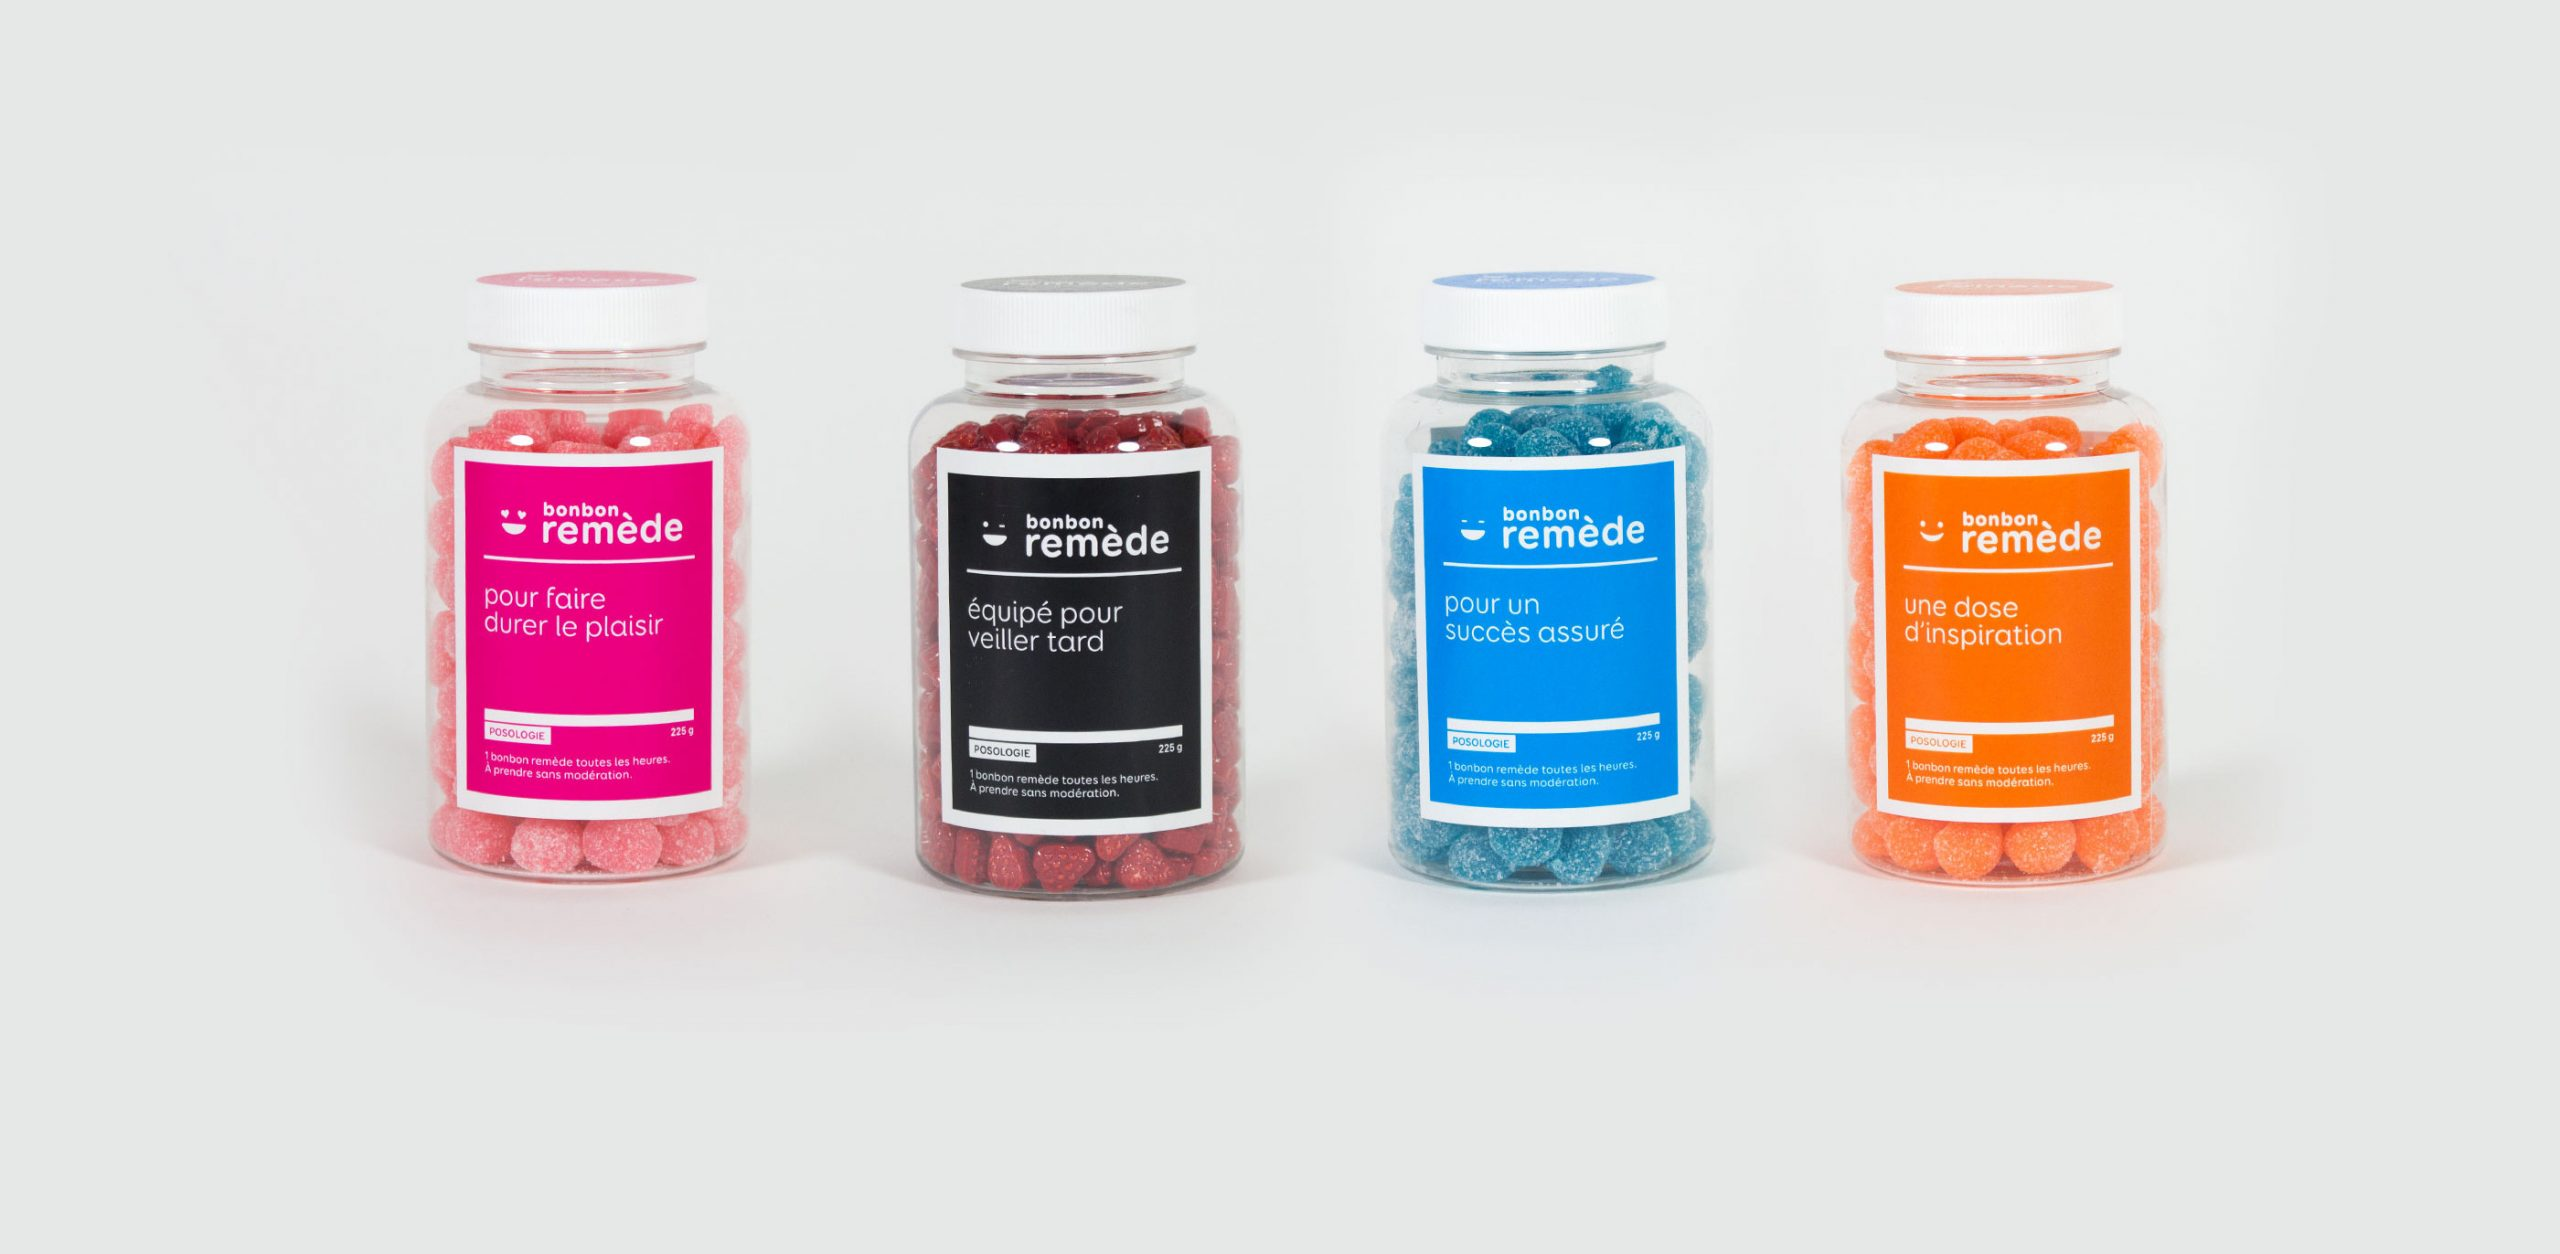 Exemples de produit   Bonbon remède